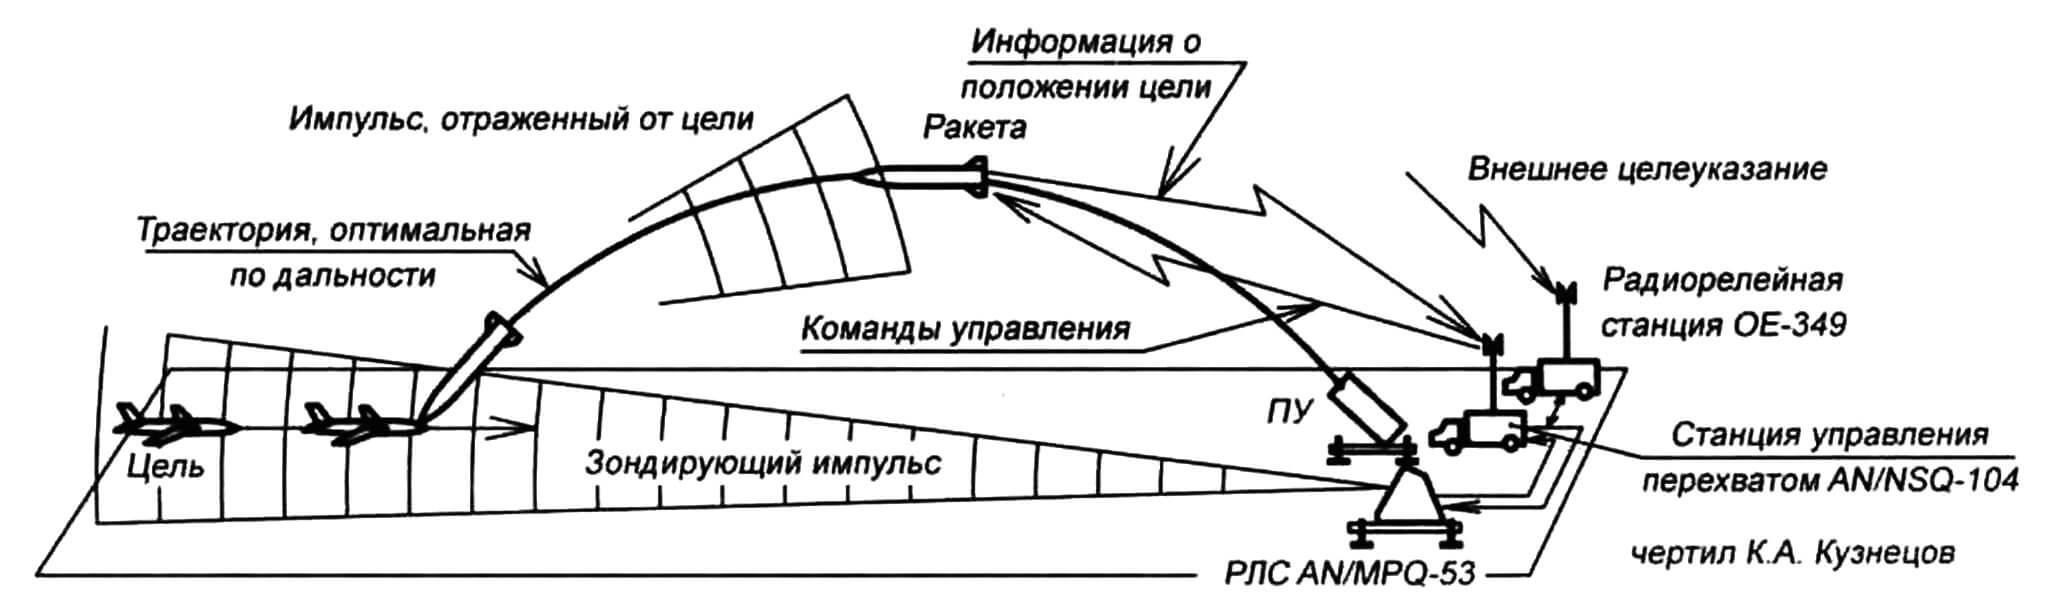 Принципиальная схема «Наведения через ракету»